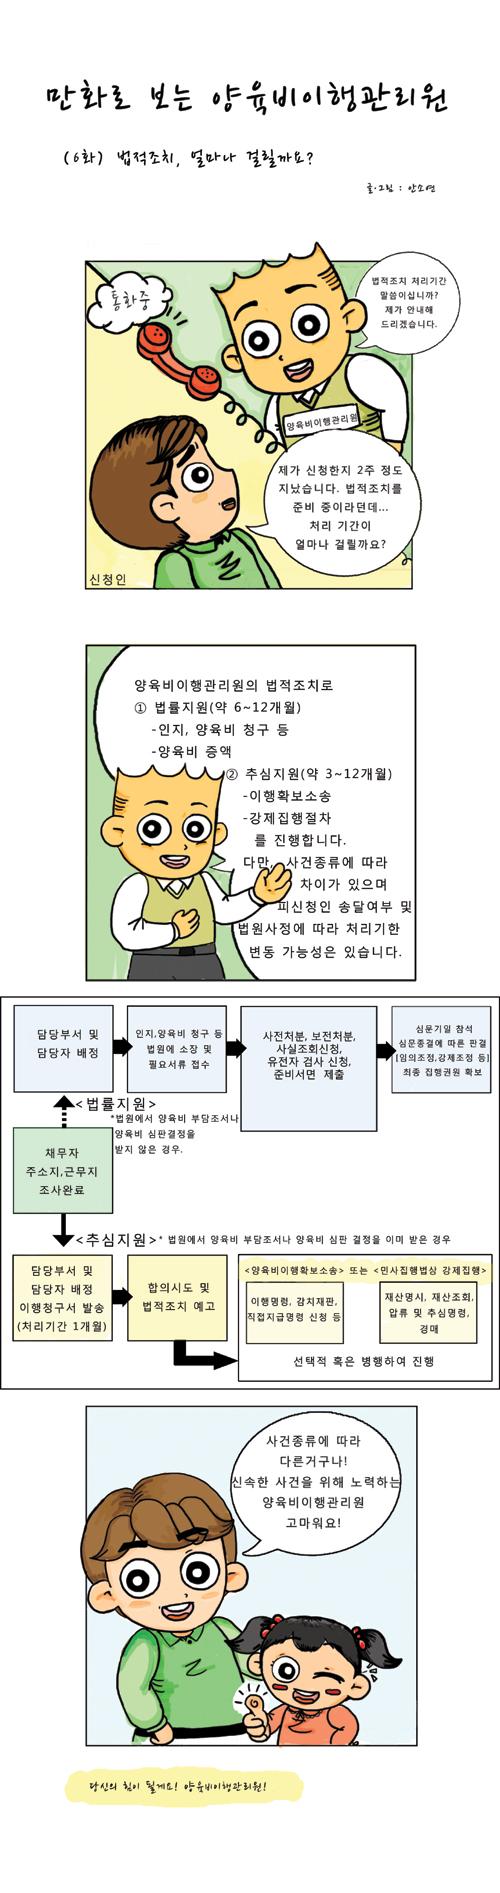 [ 행사 ] 만화로 보는 양육비이행관리원 [6화] 법적조치, 얼마나 걸릴까요?